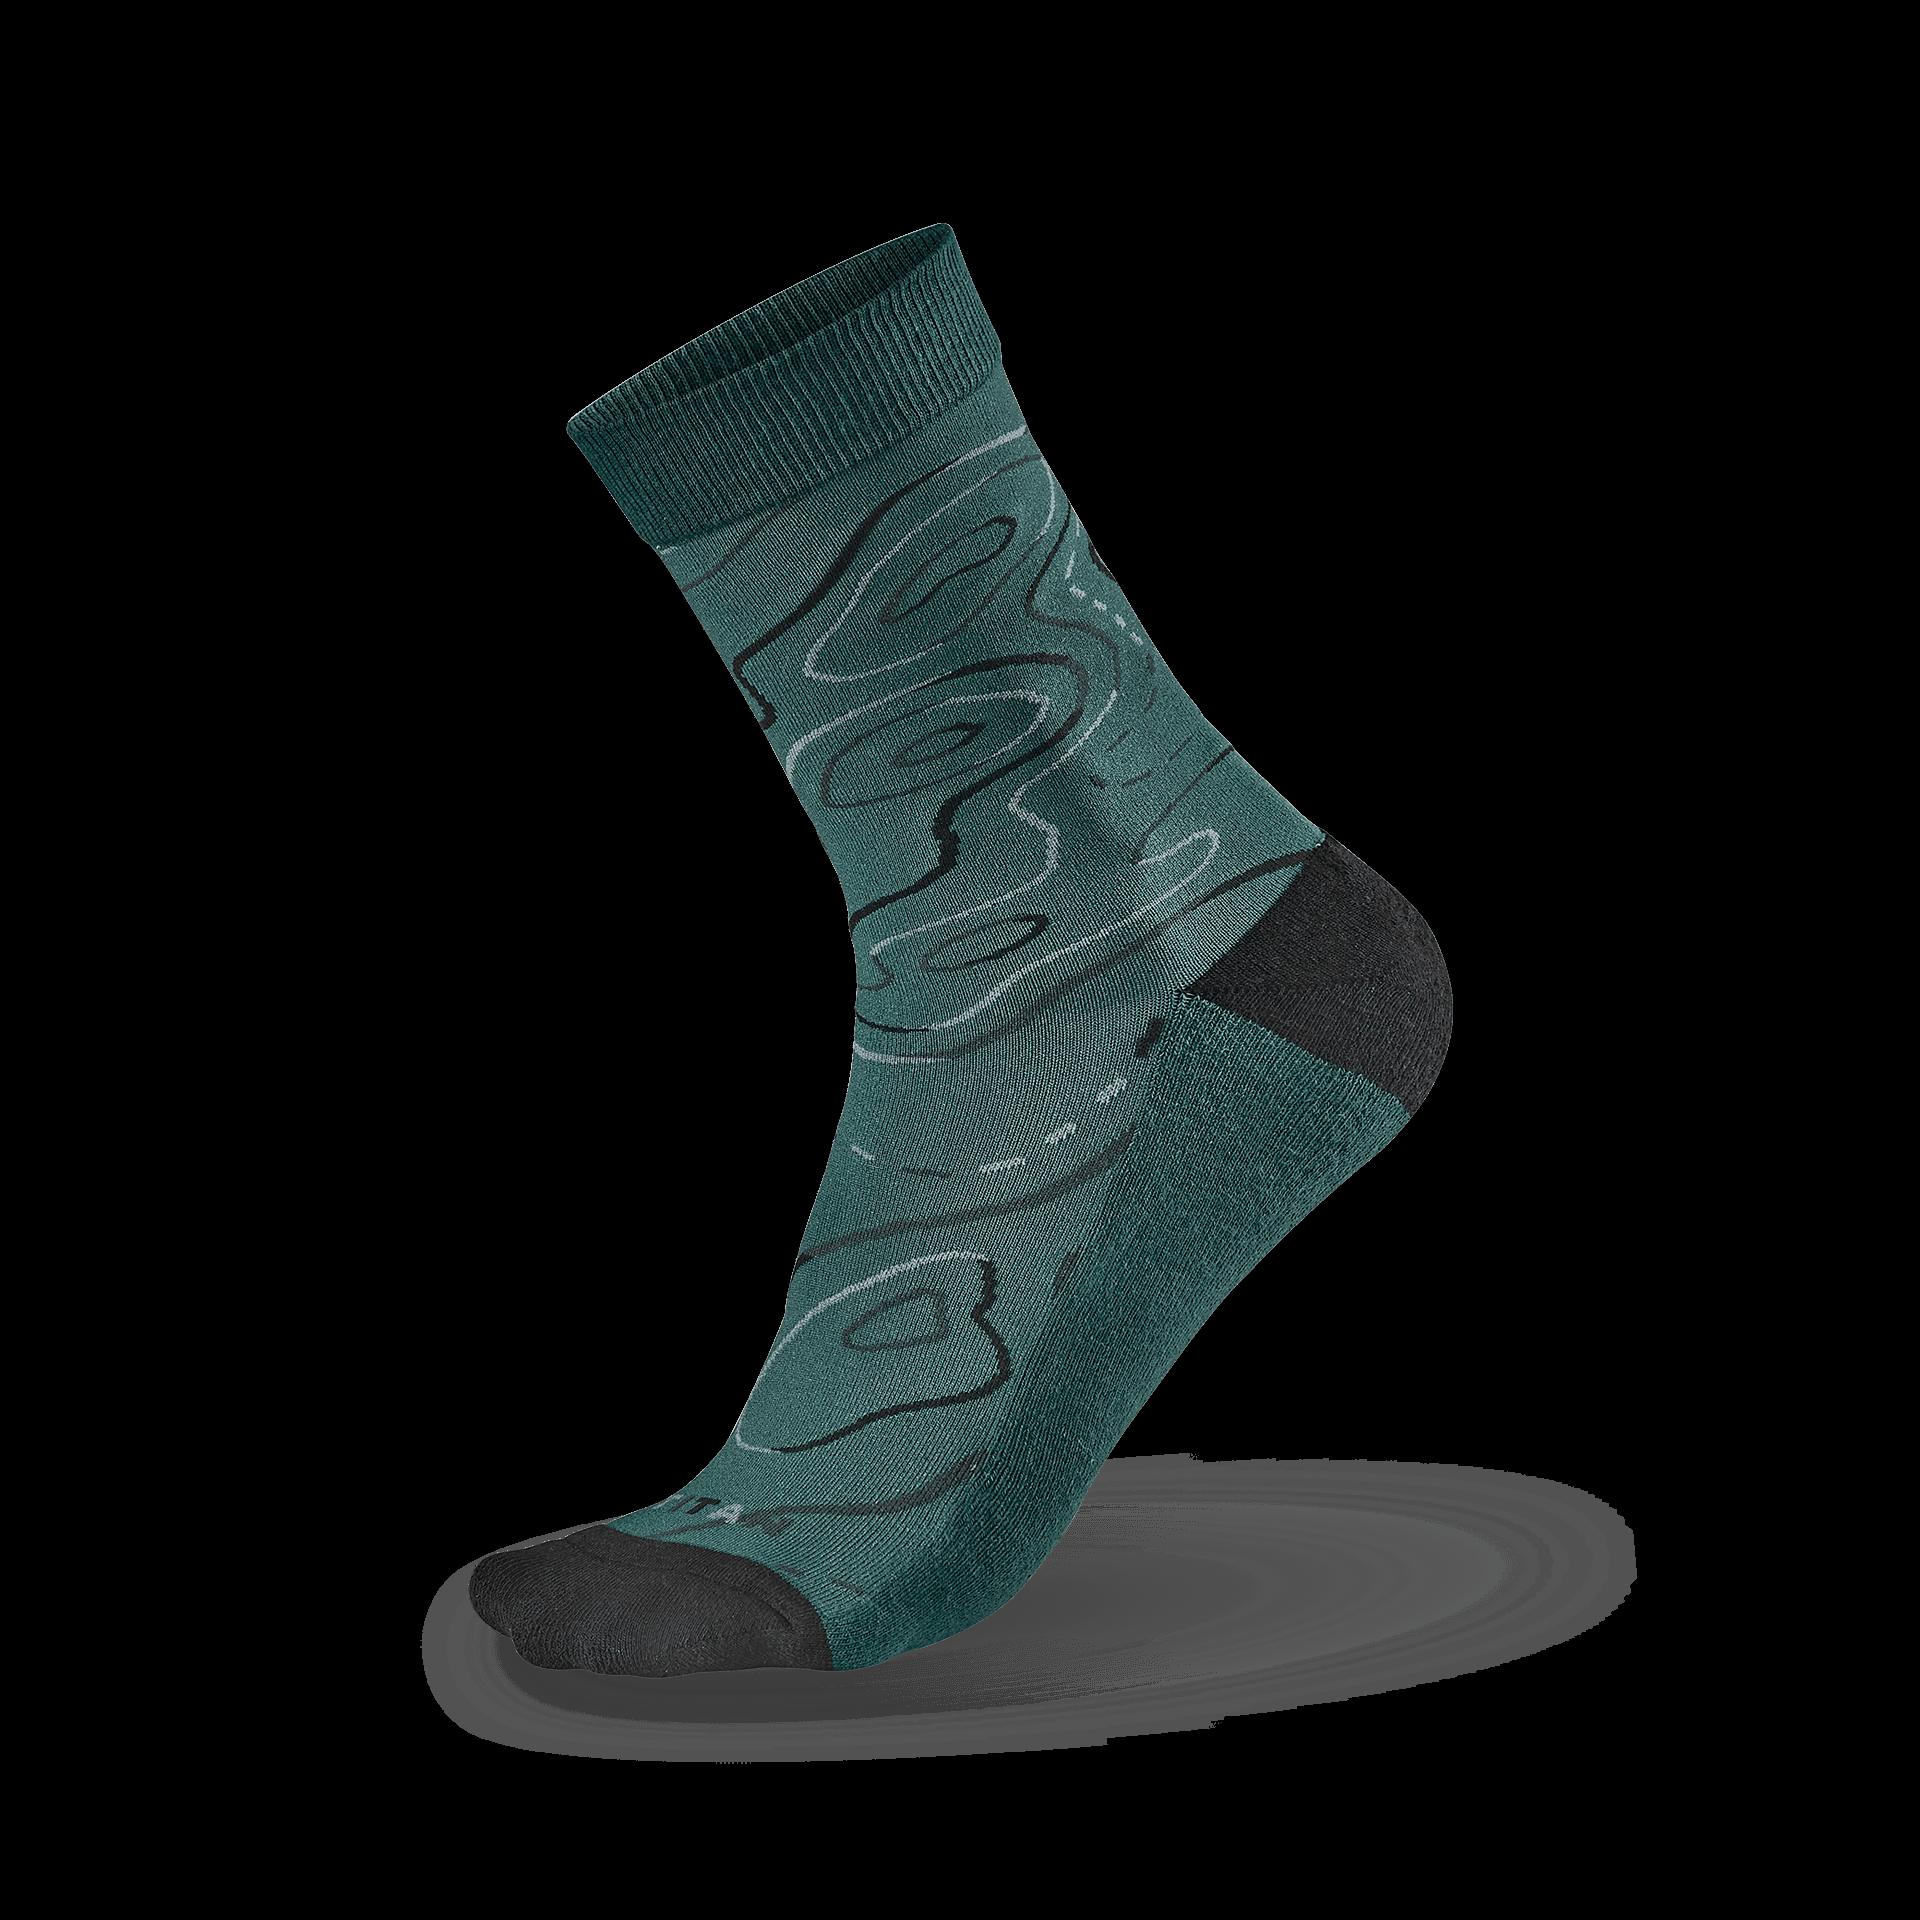 風格生活襪 等高線